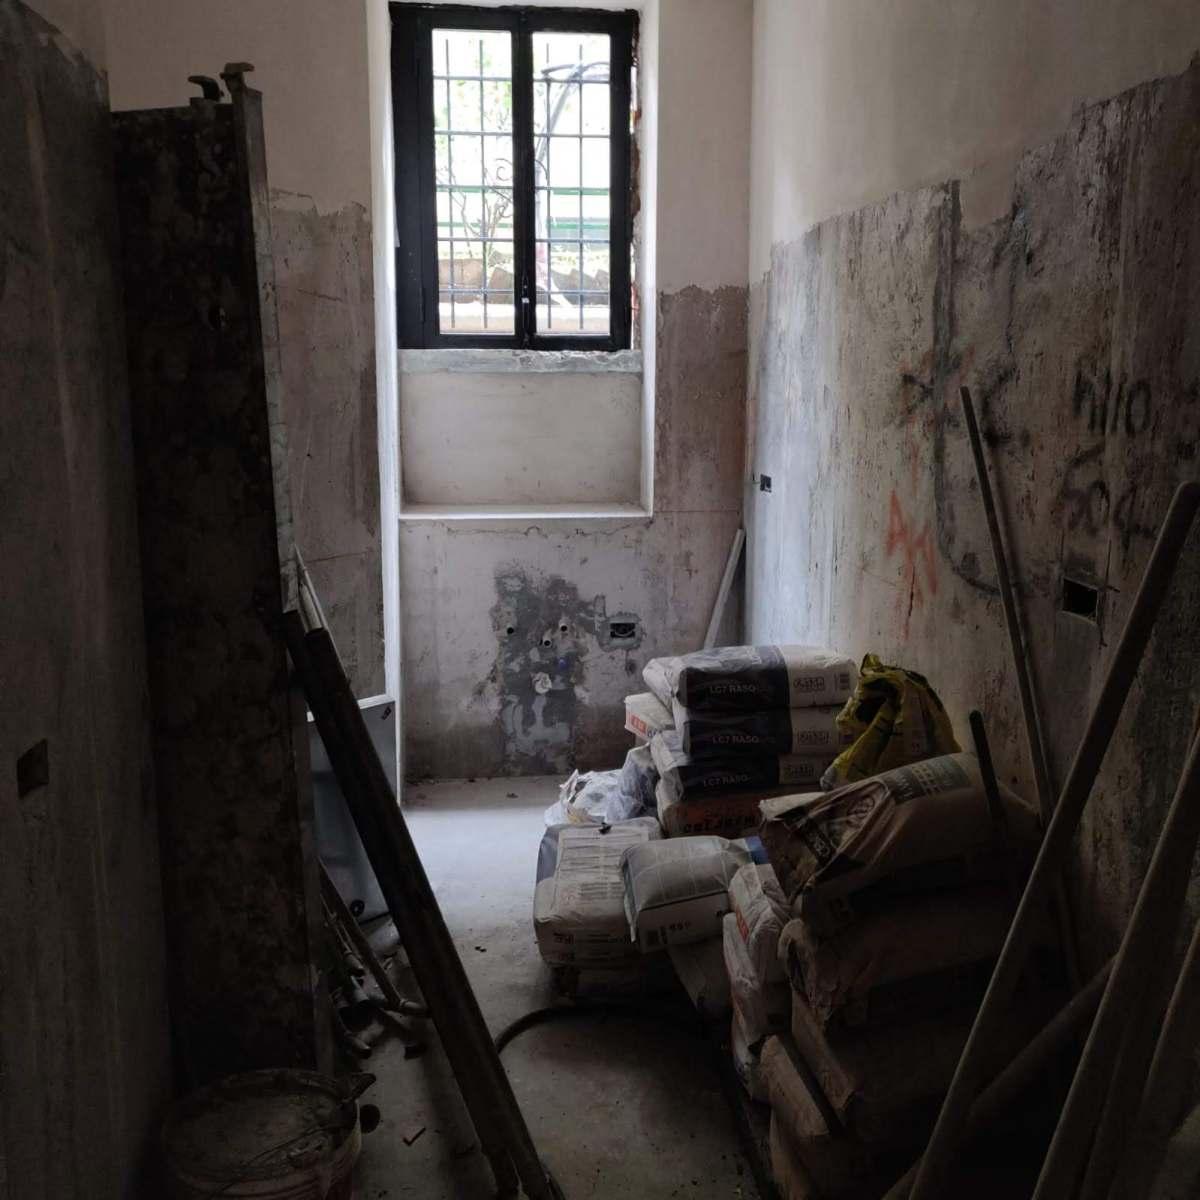 appartamenti-c3-in-vendita-via-chinotto-san-siro-milano-spaziourbano-immobiliare-vende-3-locali-2-locali-appartamenti-6